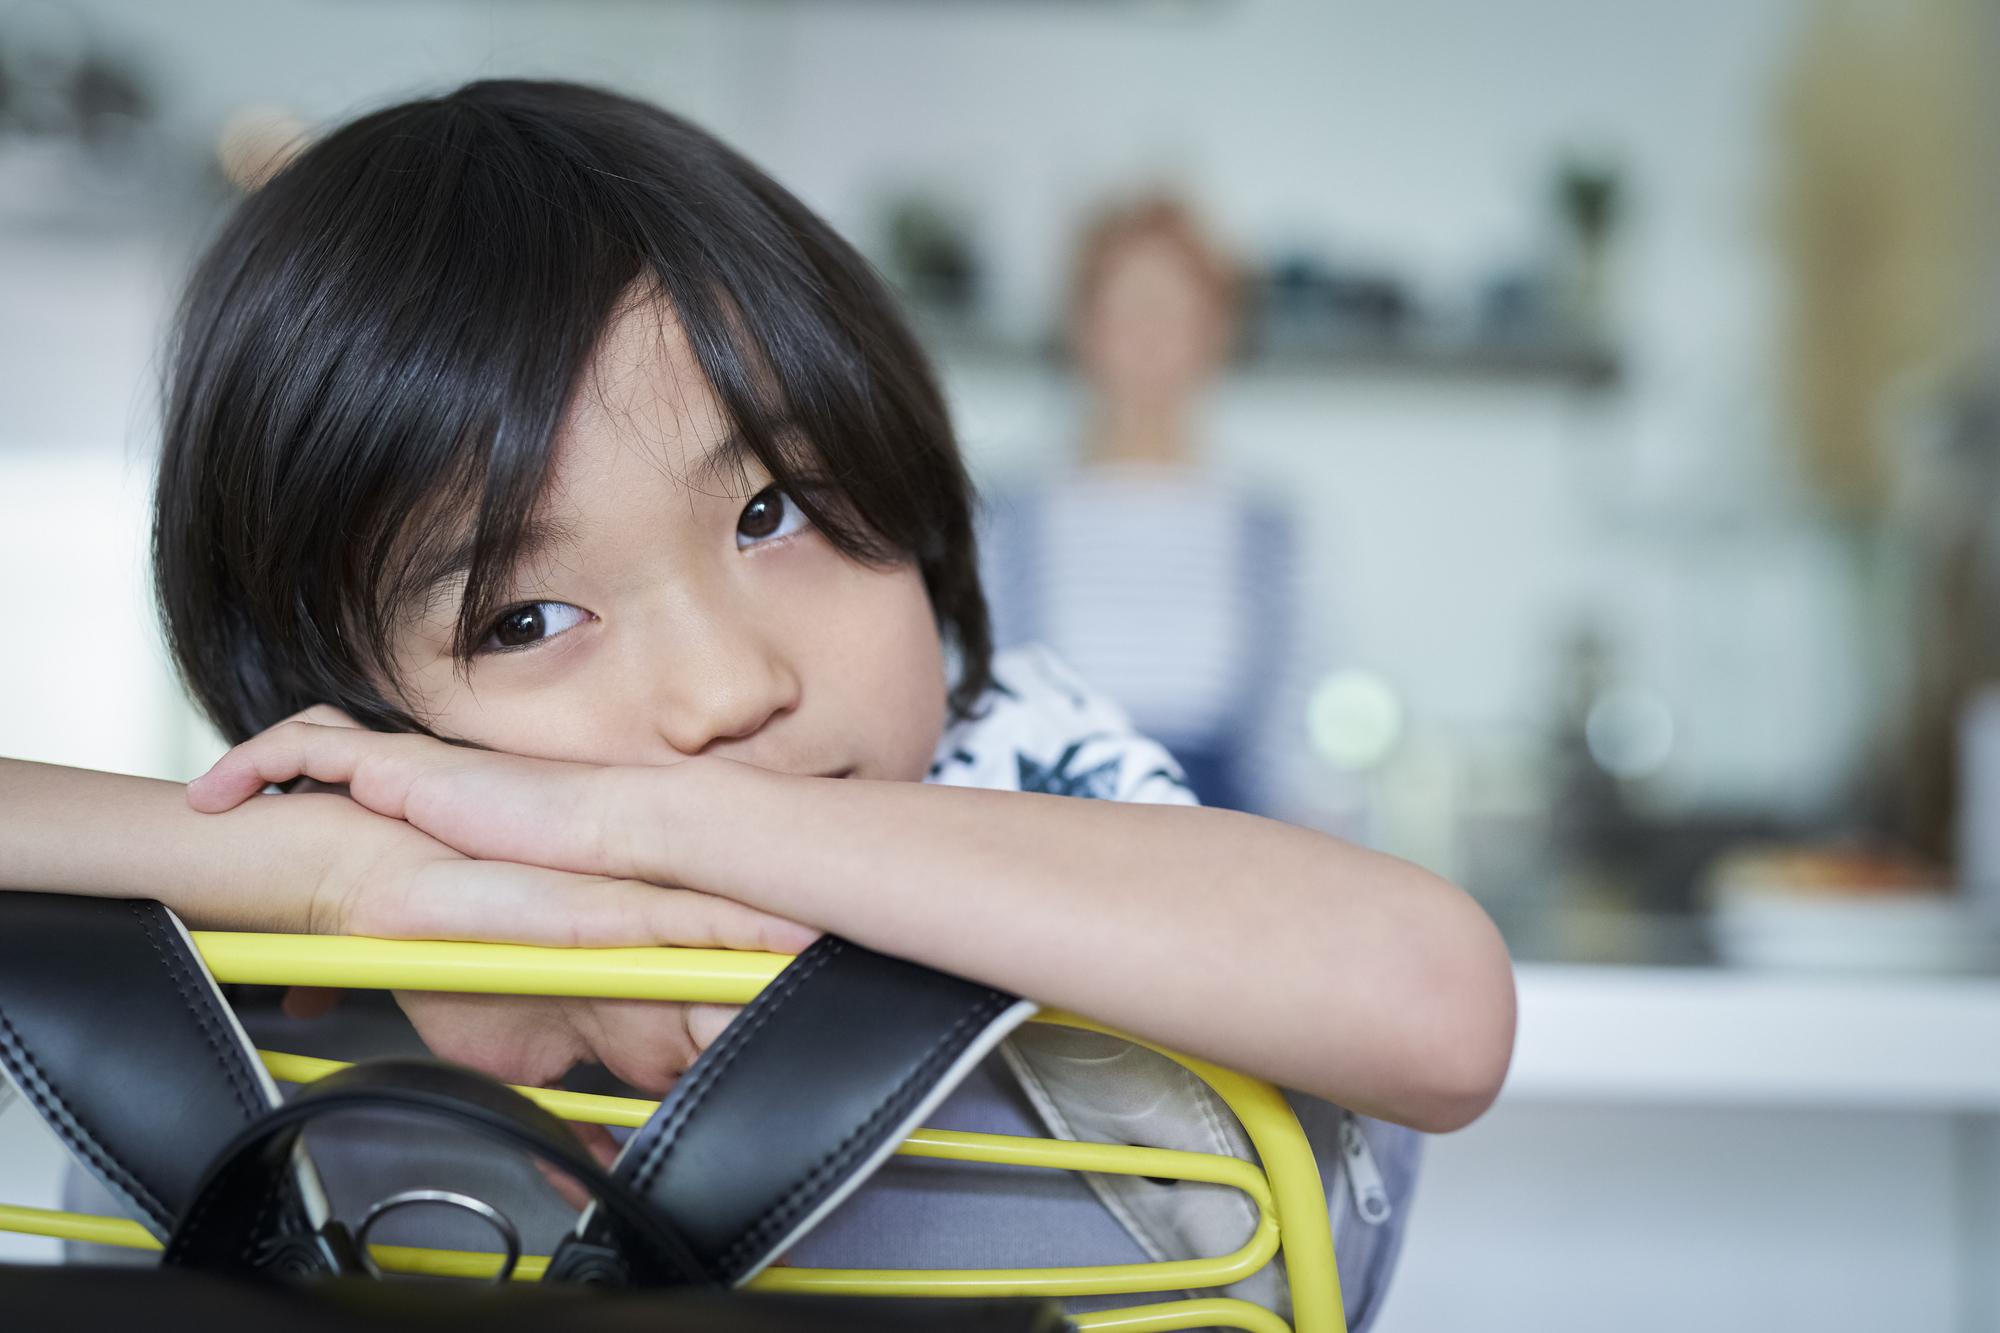 【子どもの強迫性障害チェック】治すコツは?子育ての方法も|医師監修